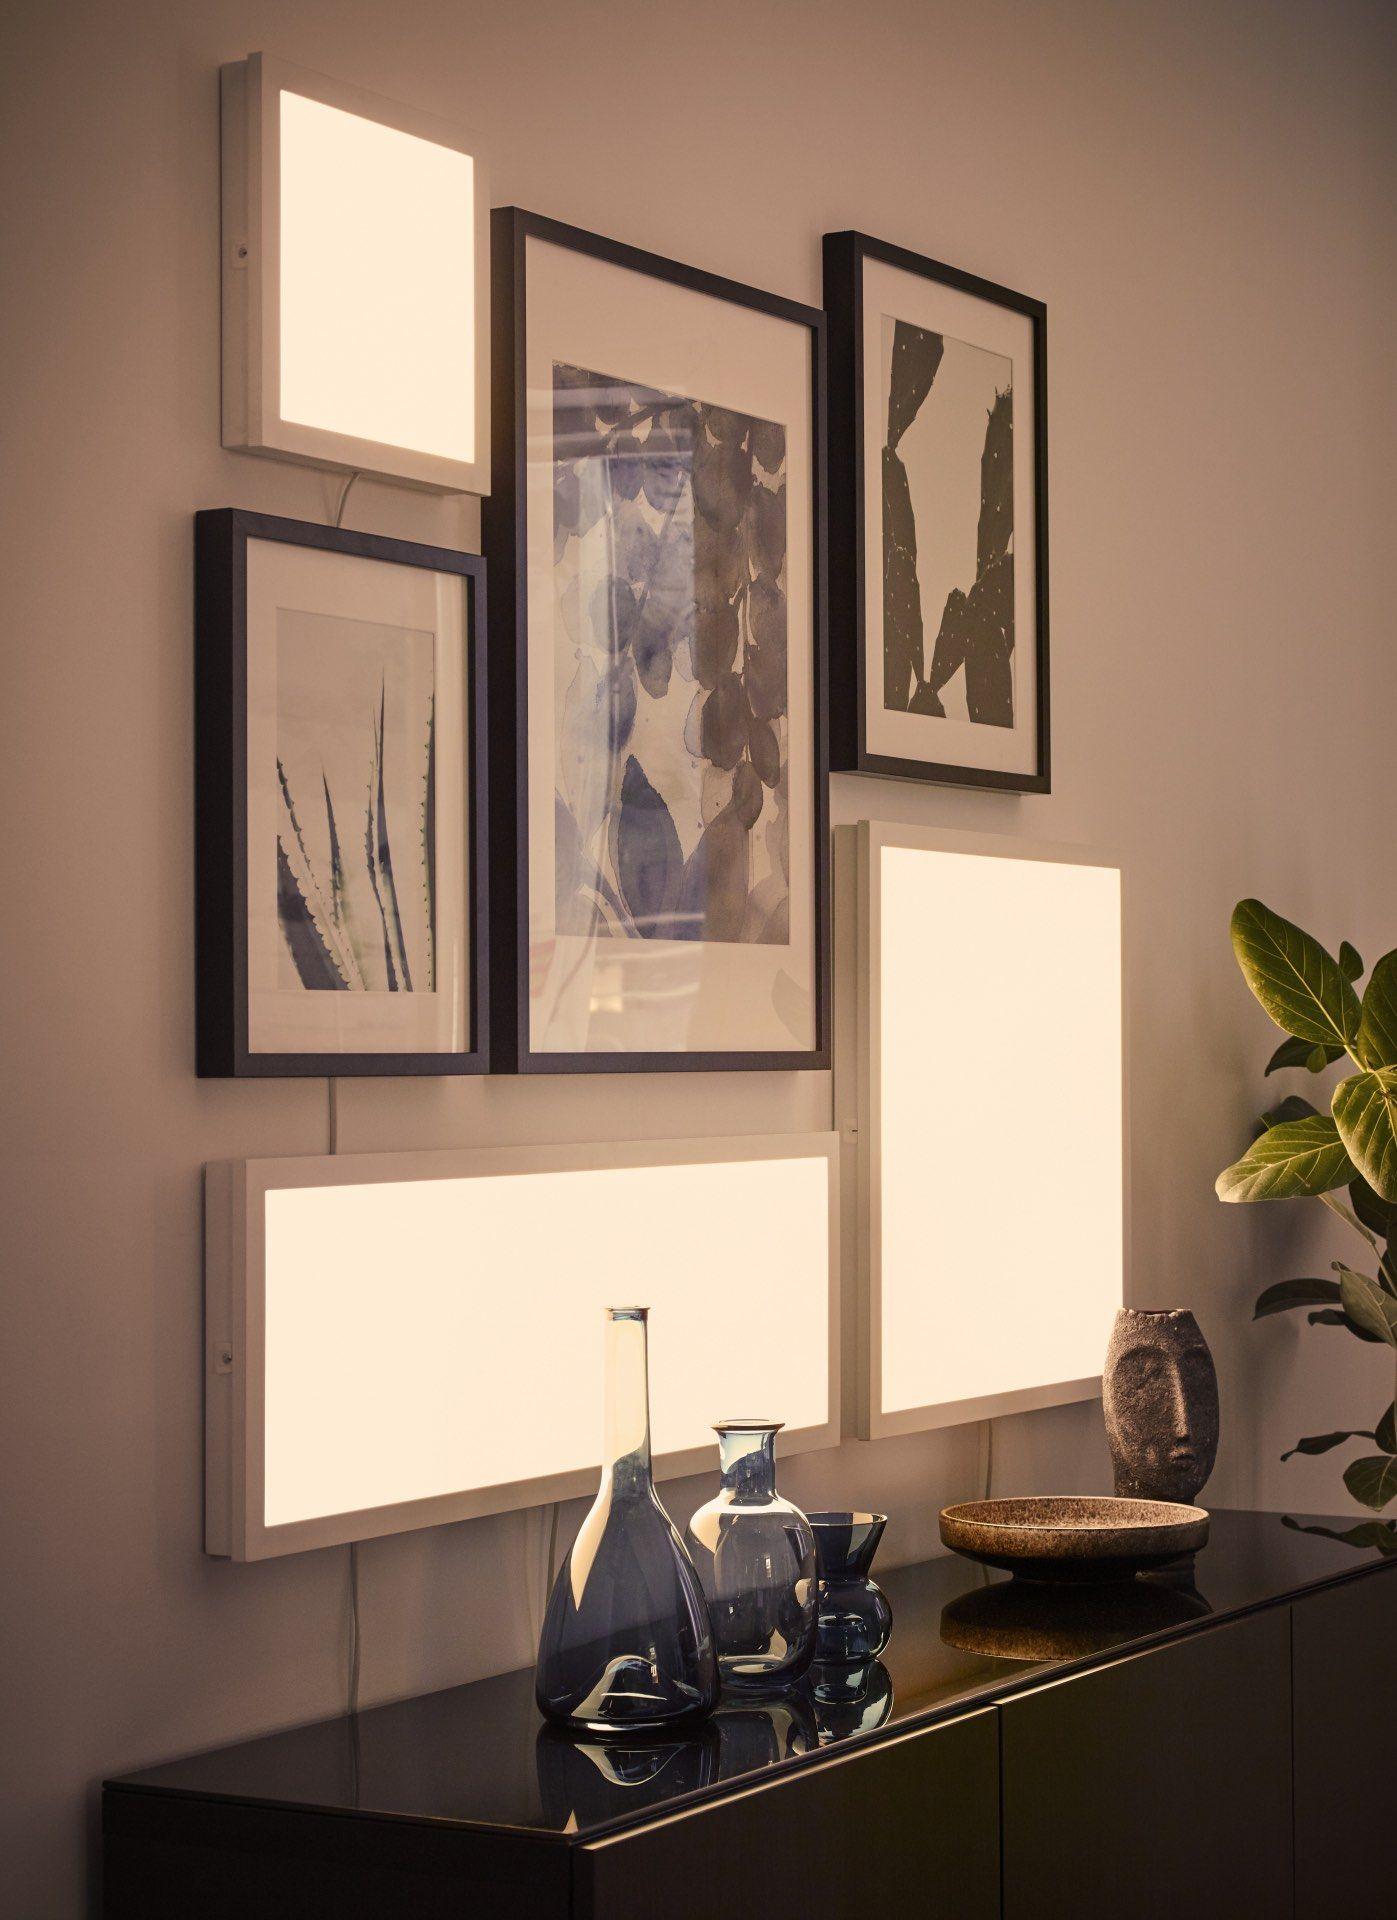 los paneles de luz led floalt adems de luces pueden ser cuadros